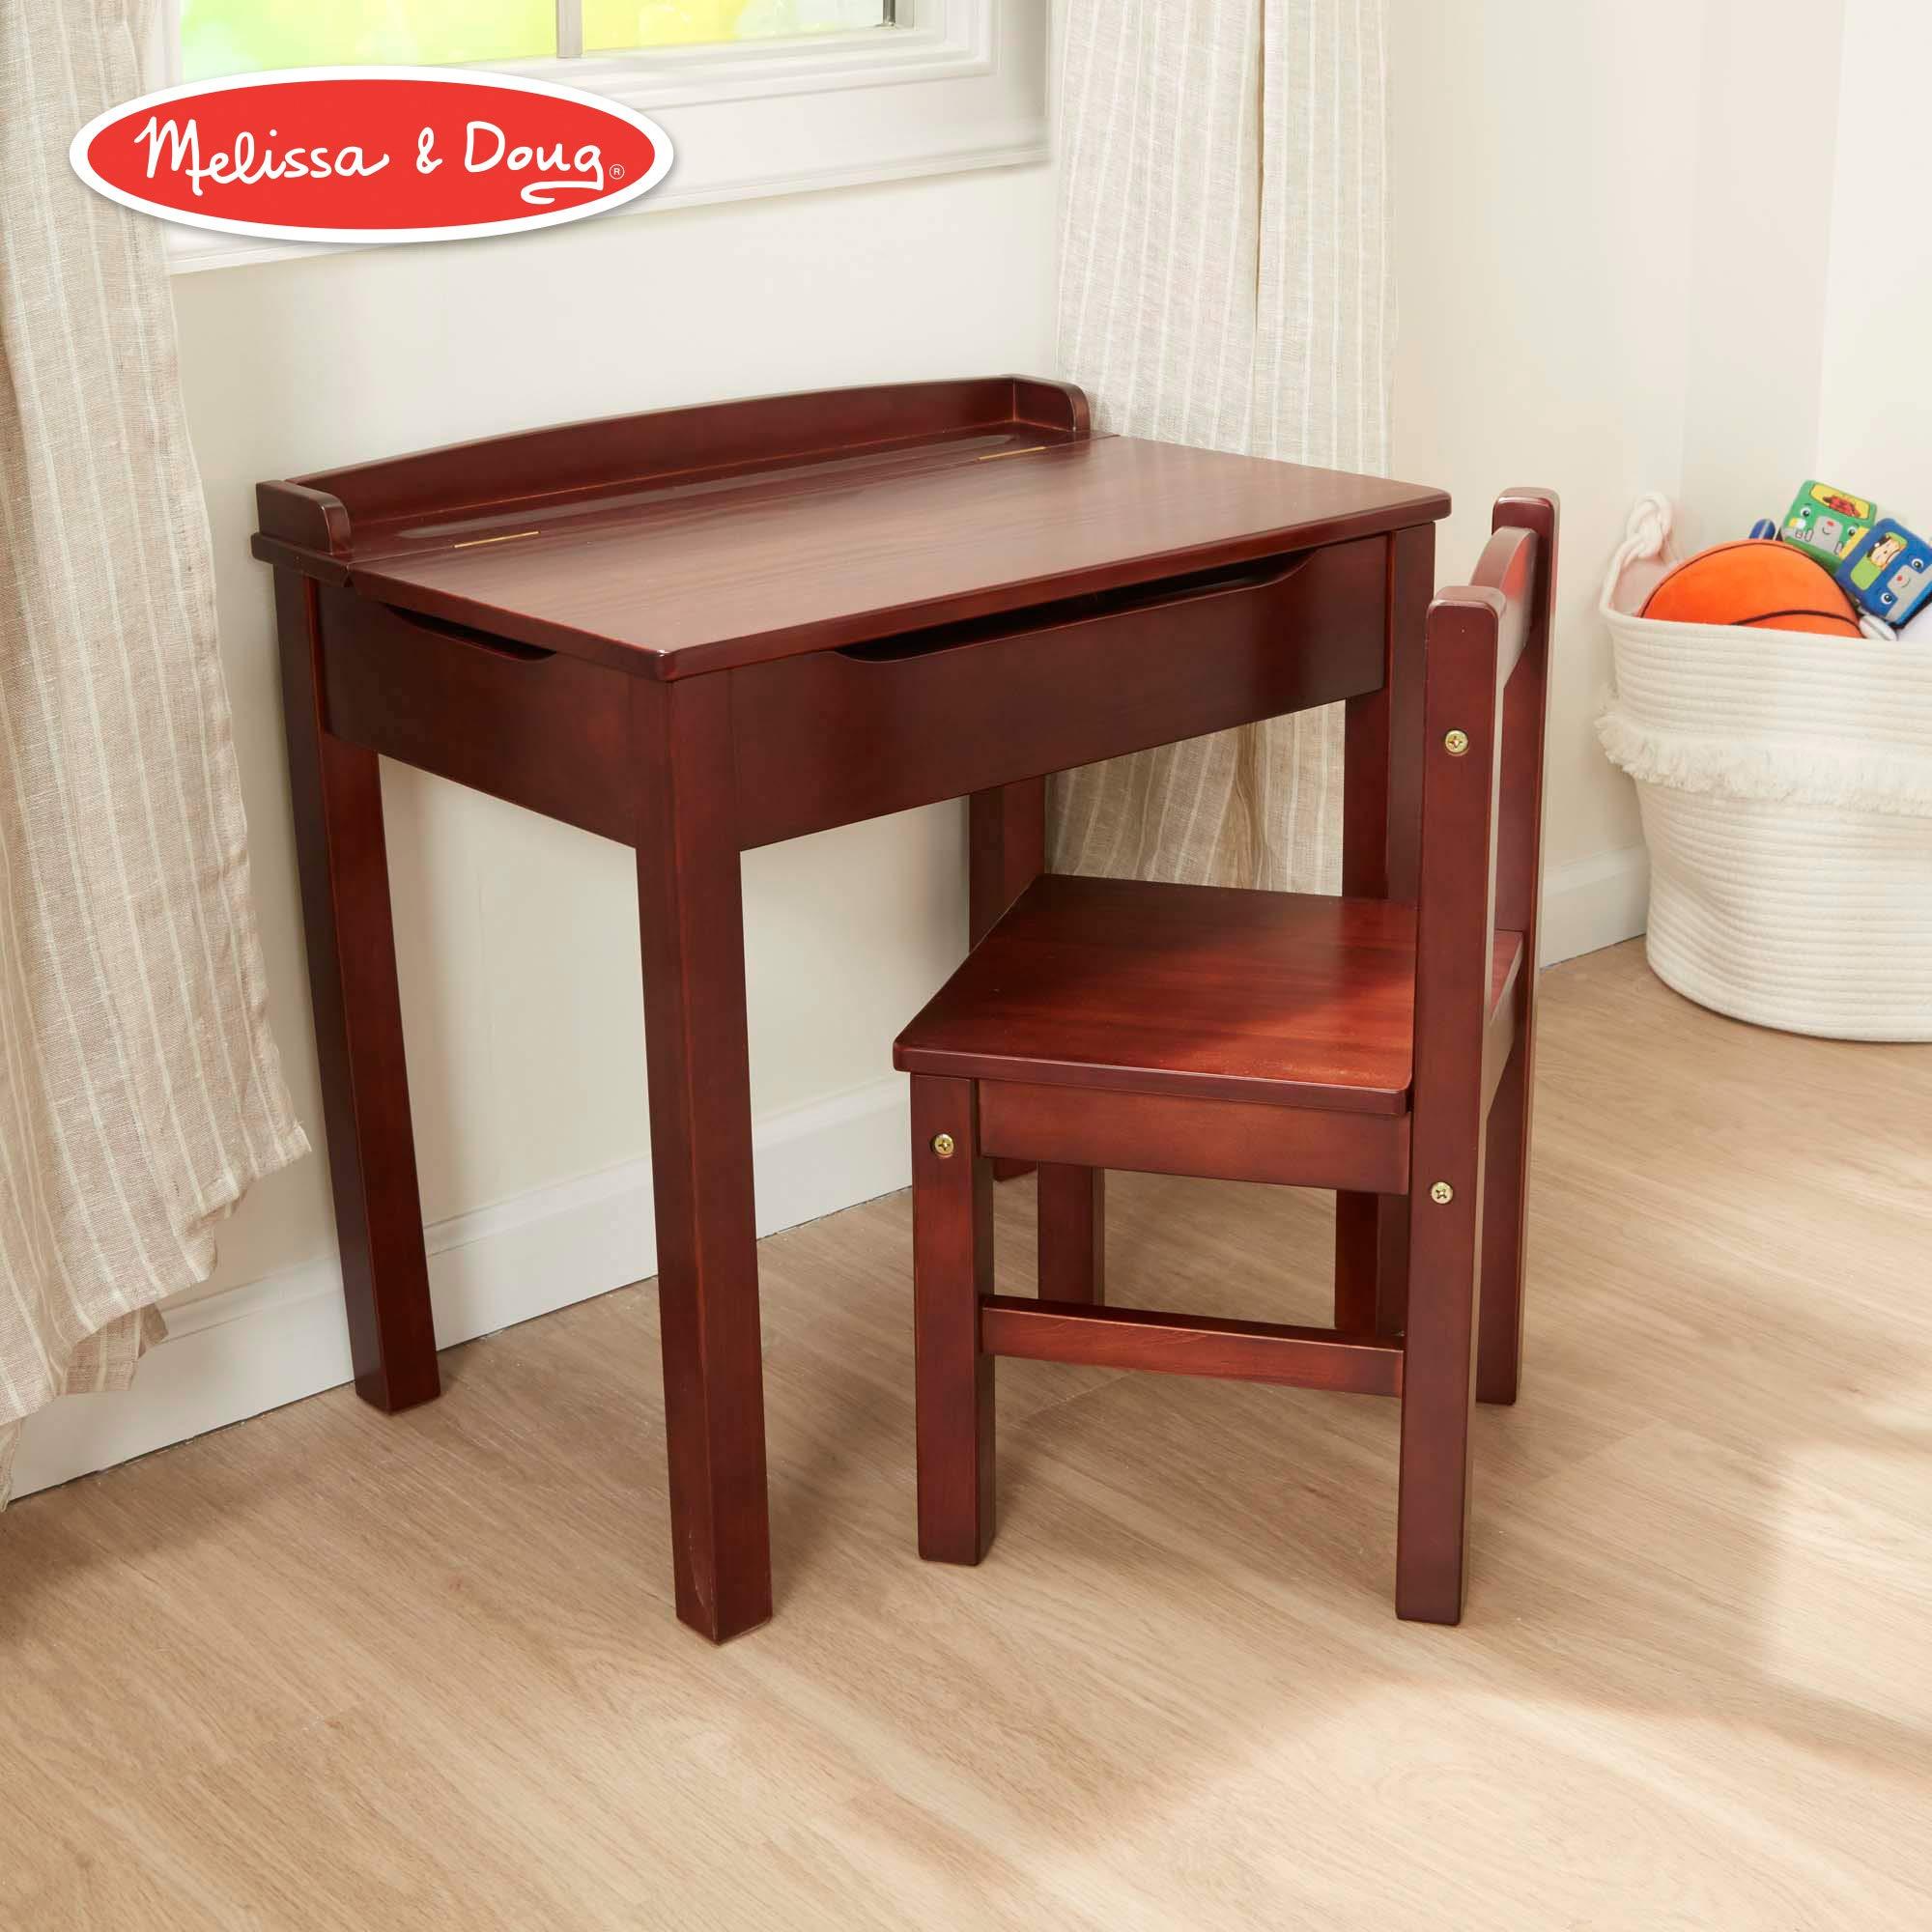 Melissa & Doug Child's Lift-Top Desk & Chair (Kids Furniture, Espresso, 2 Pieces, 16.1'' H x 23.6'' W x 23.2'' L) by Melissa & Doug